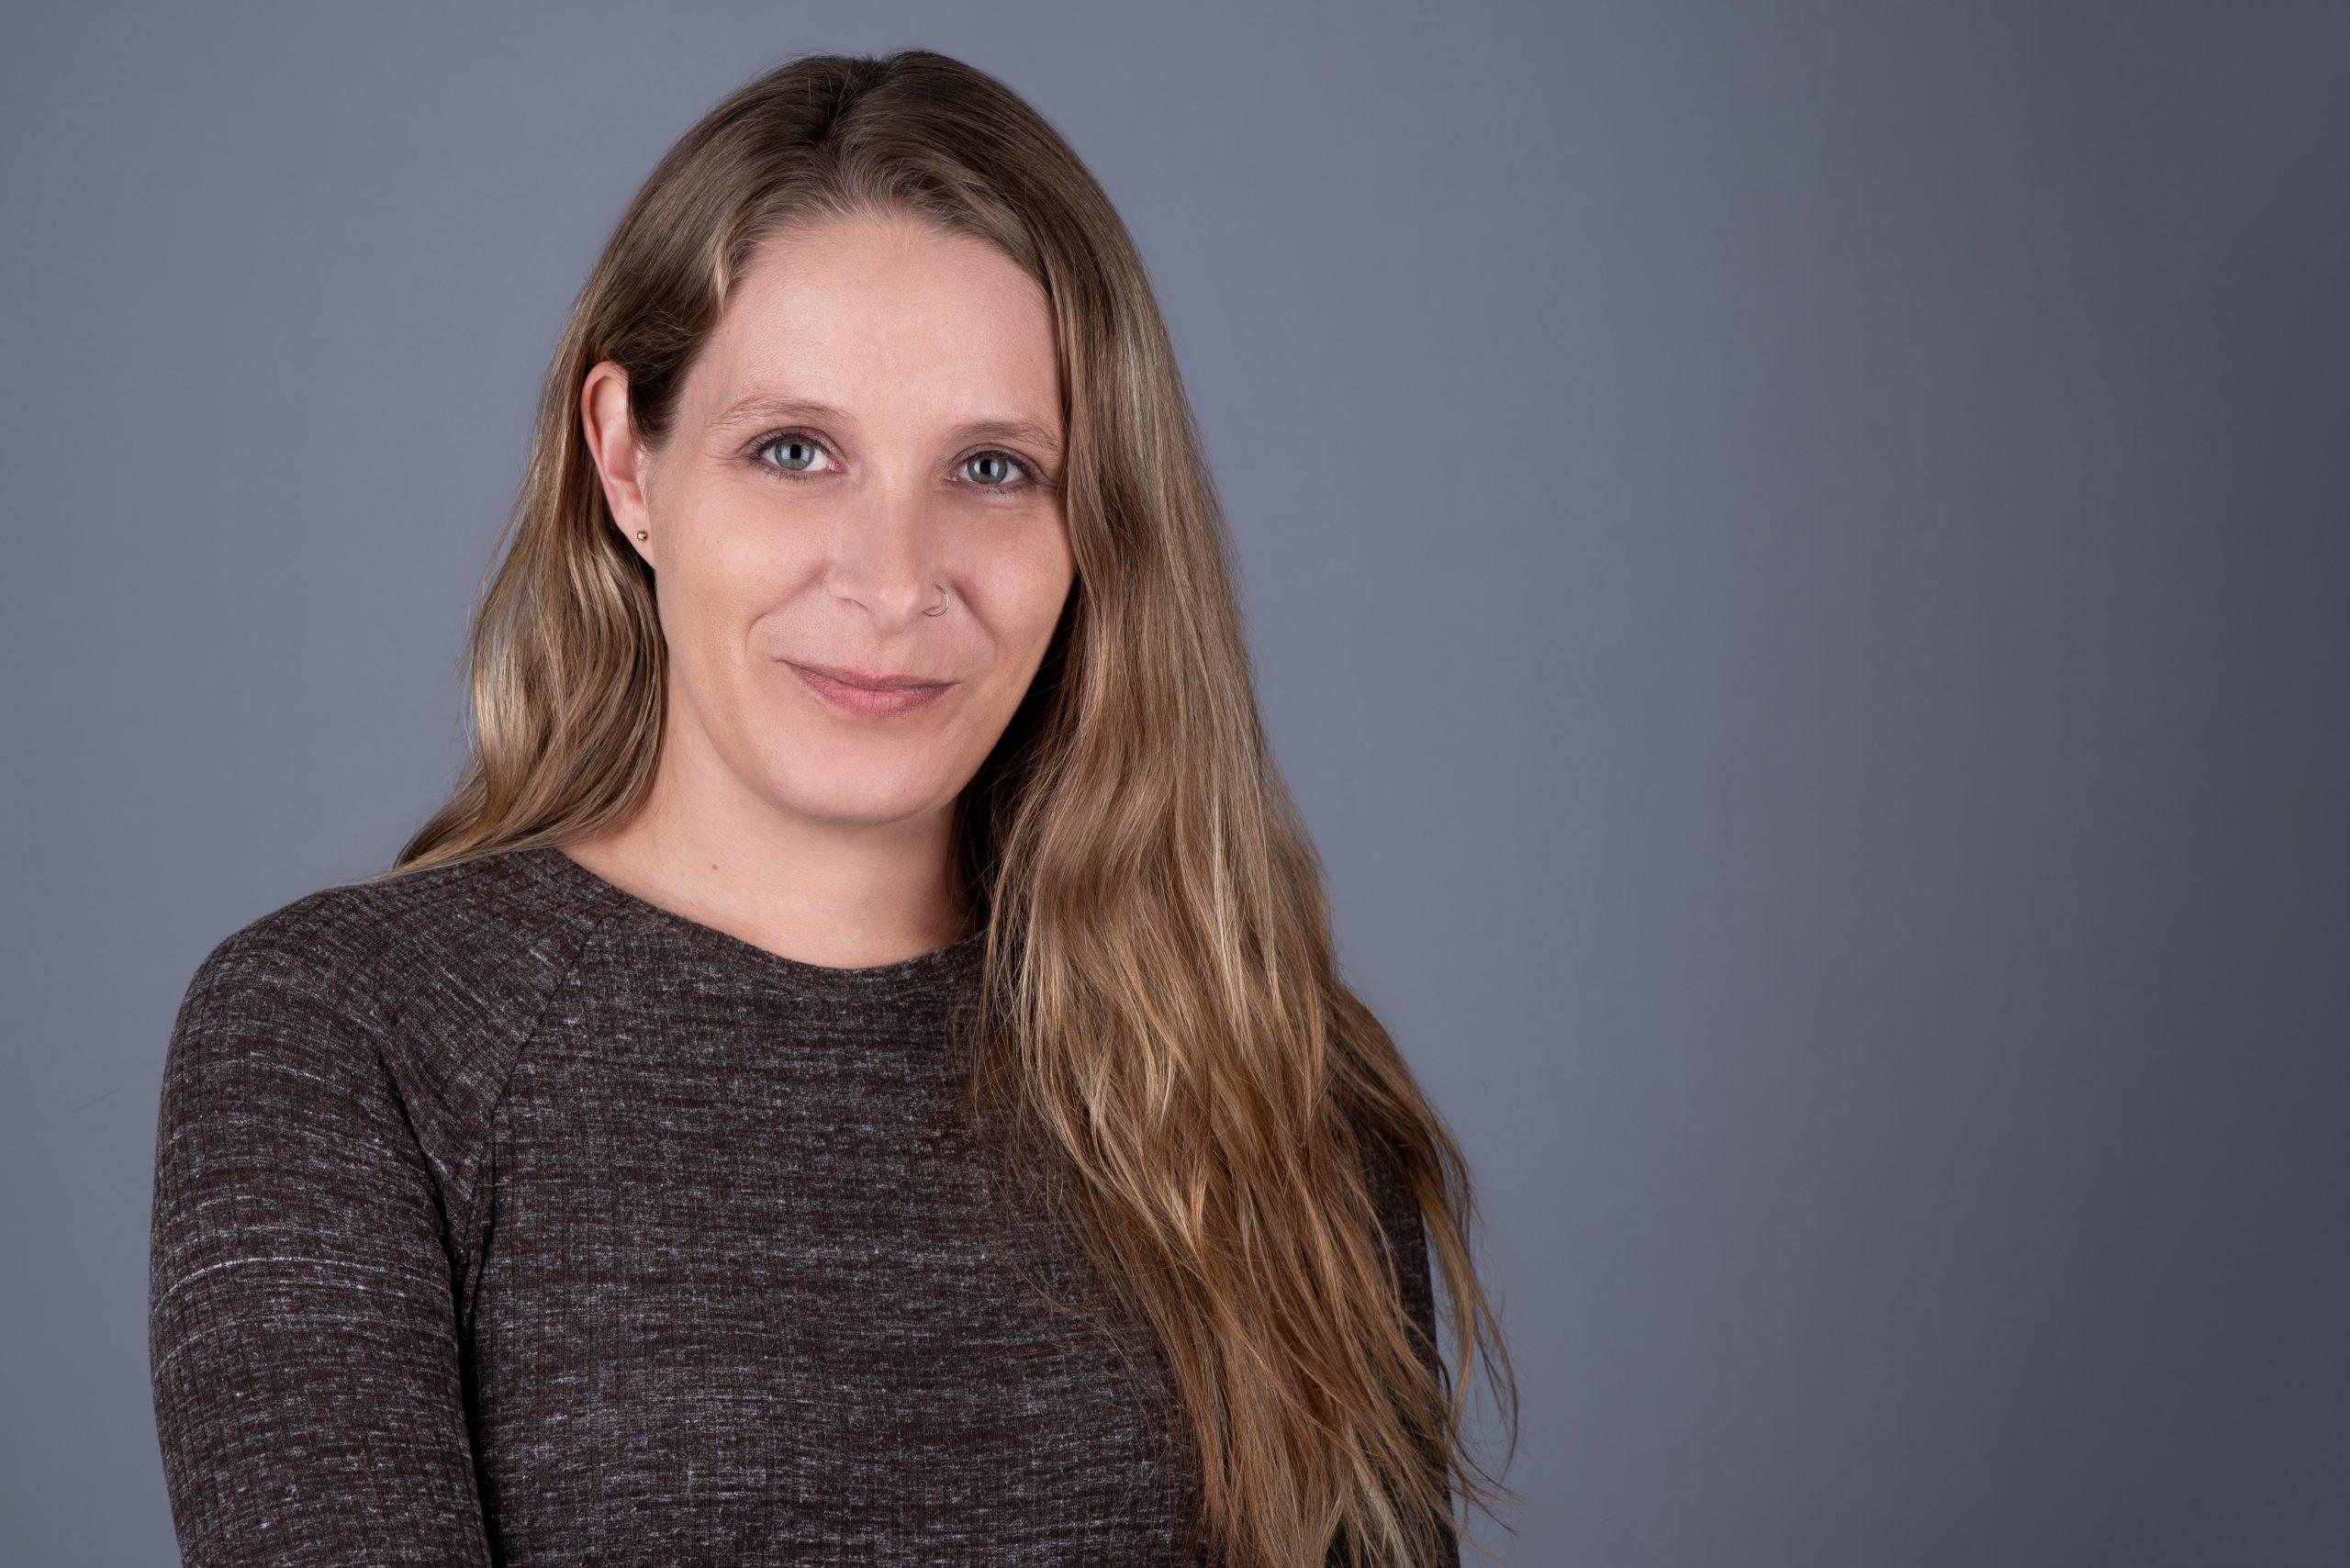 Melissa Thivierge